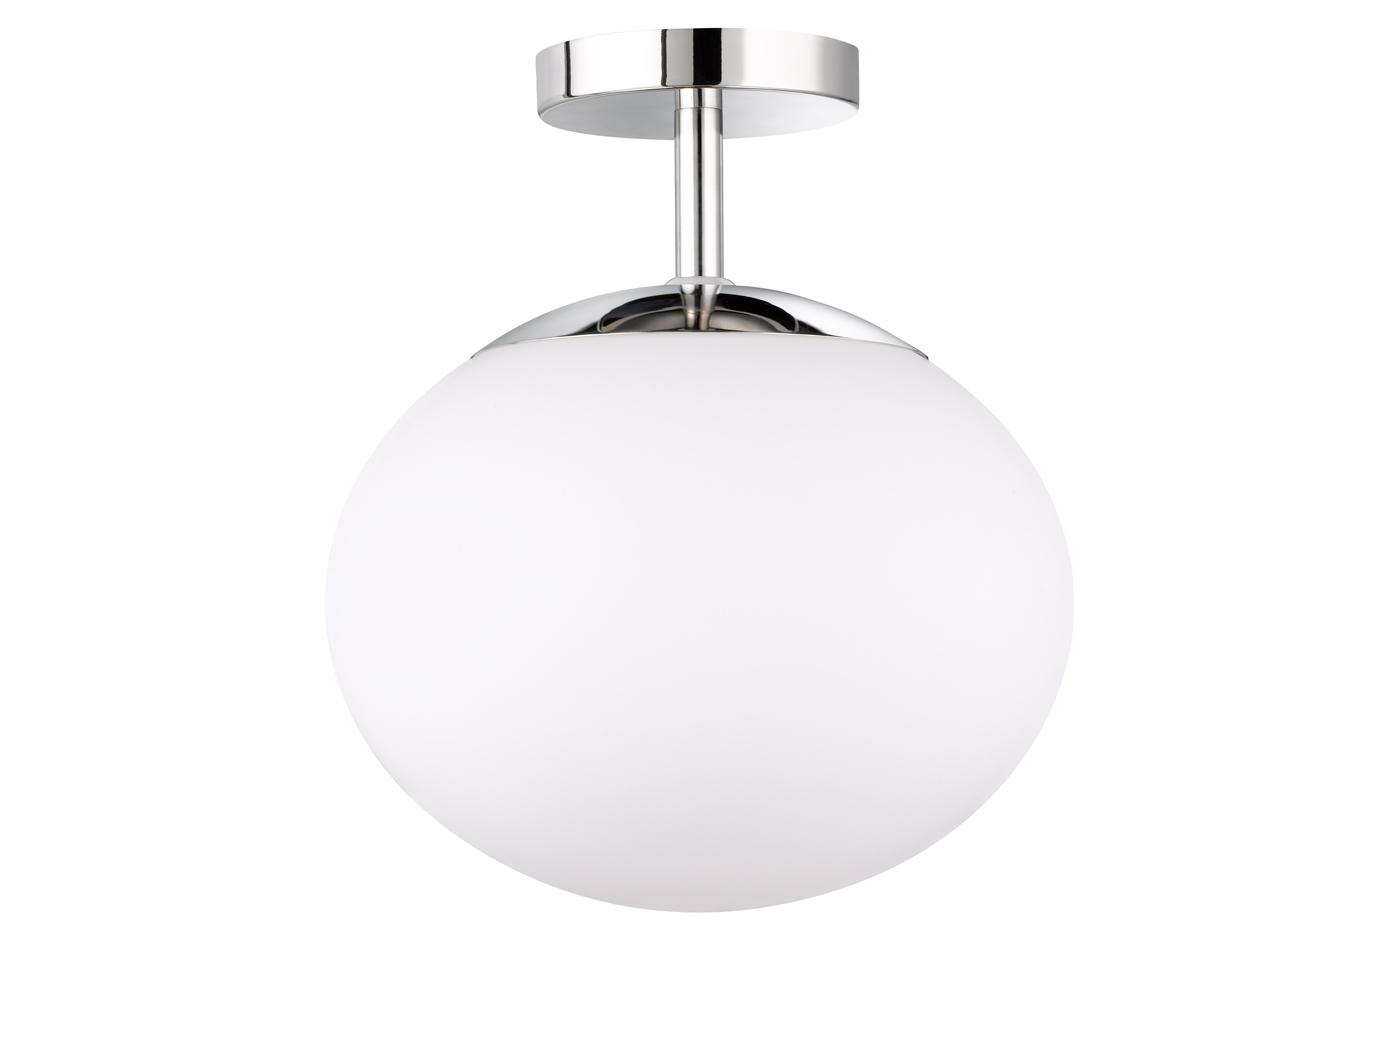 Kugel deckenlampe Ø 30cm opalglas weiß led schlafzimmerlampe